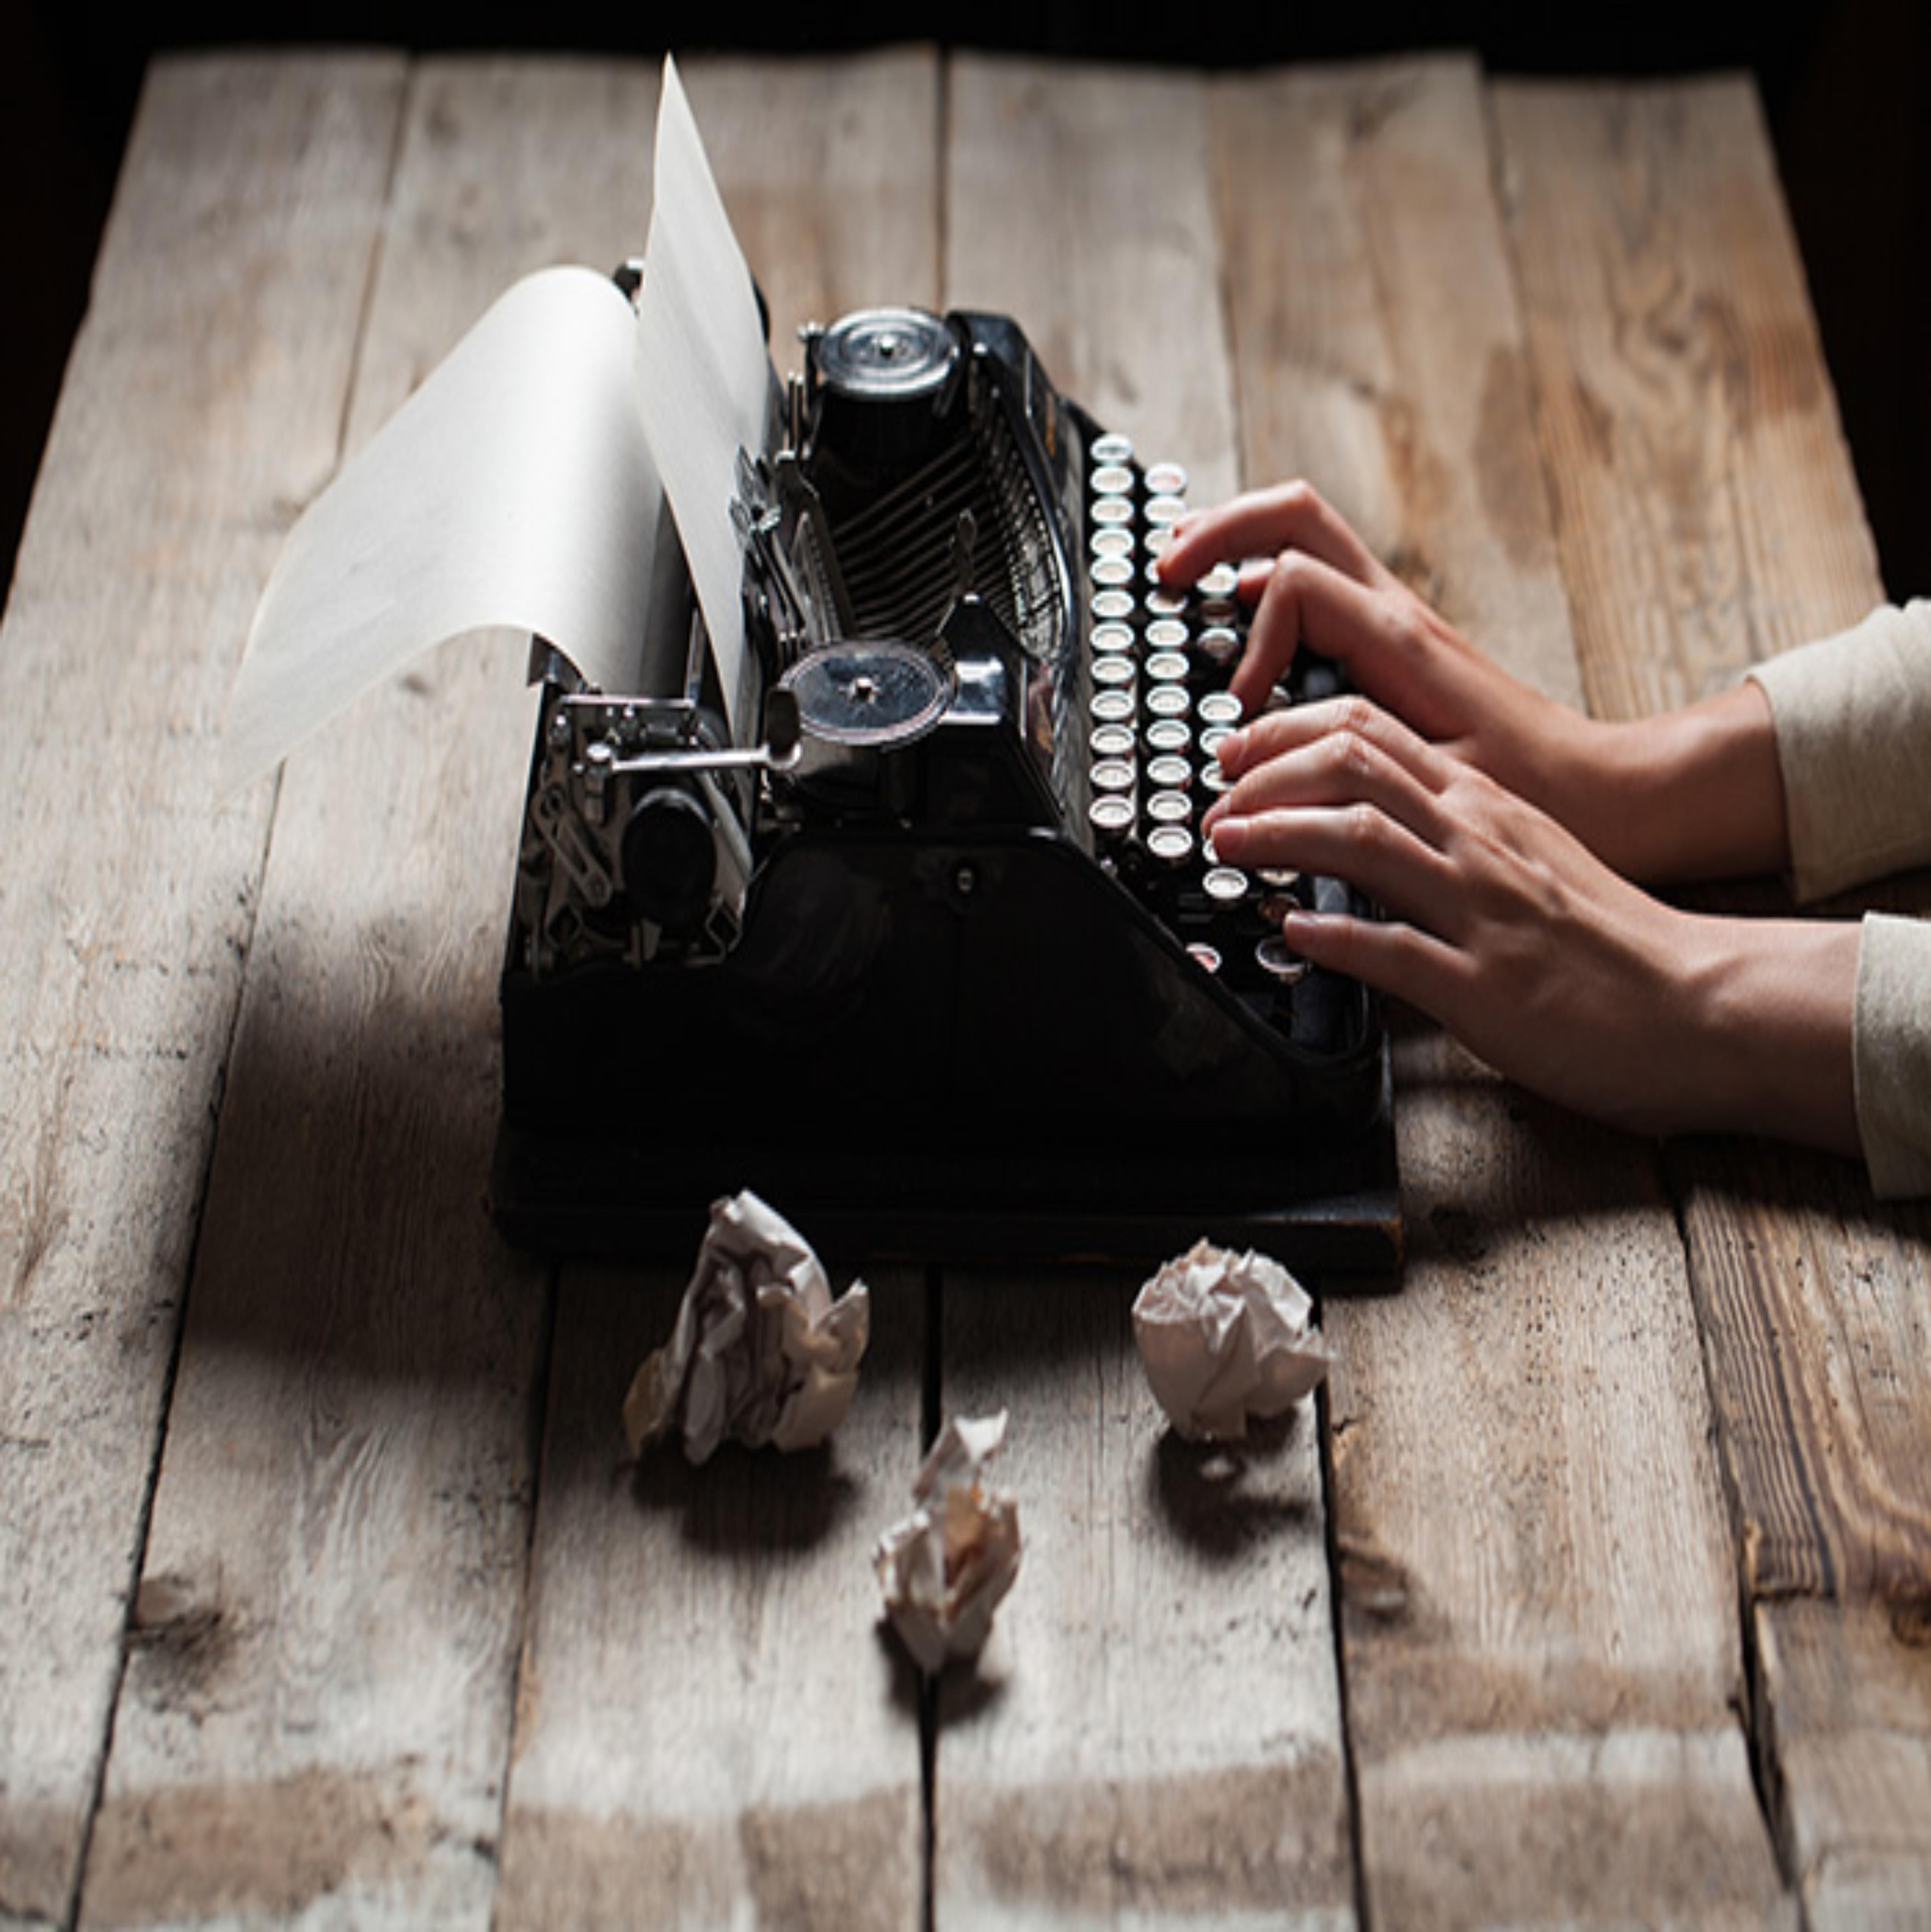 अगर आप लेखक बनना चाहते हैं तो आपके लिए बनी हैं ये जगह,यहां मिलेगा छुपा राज़